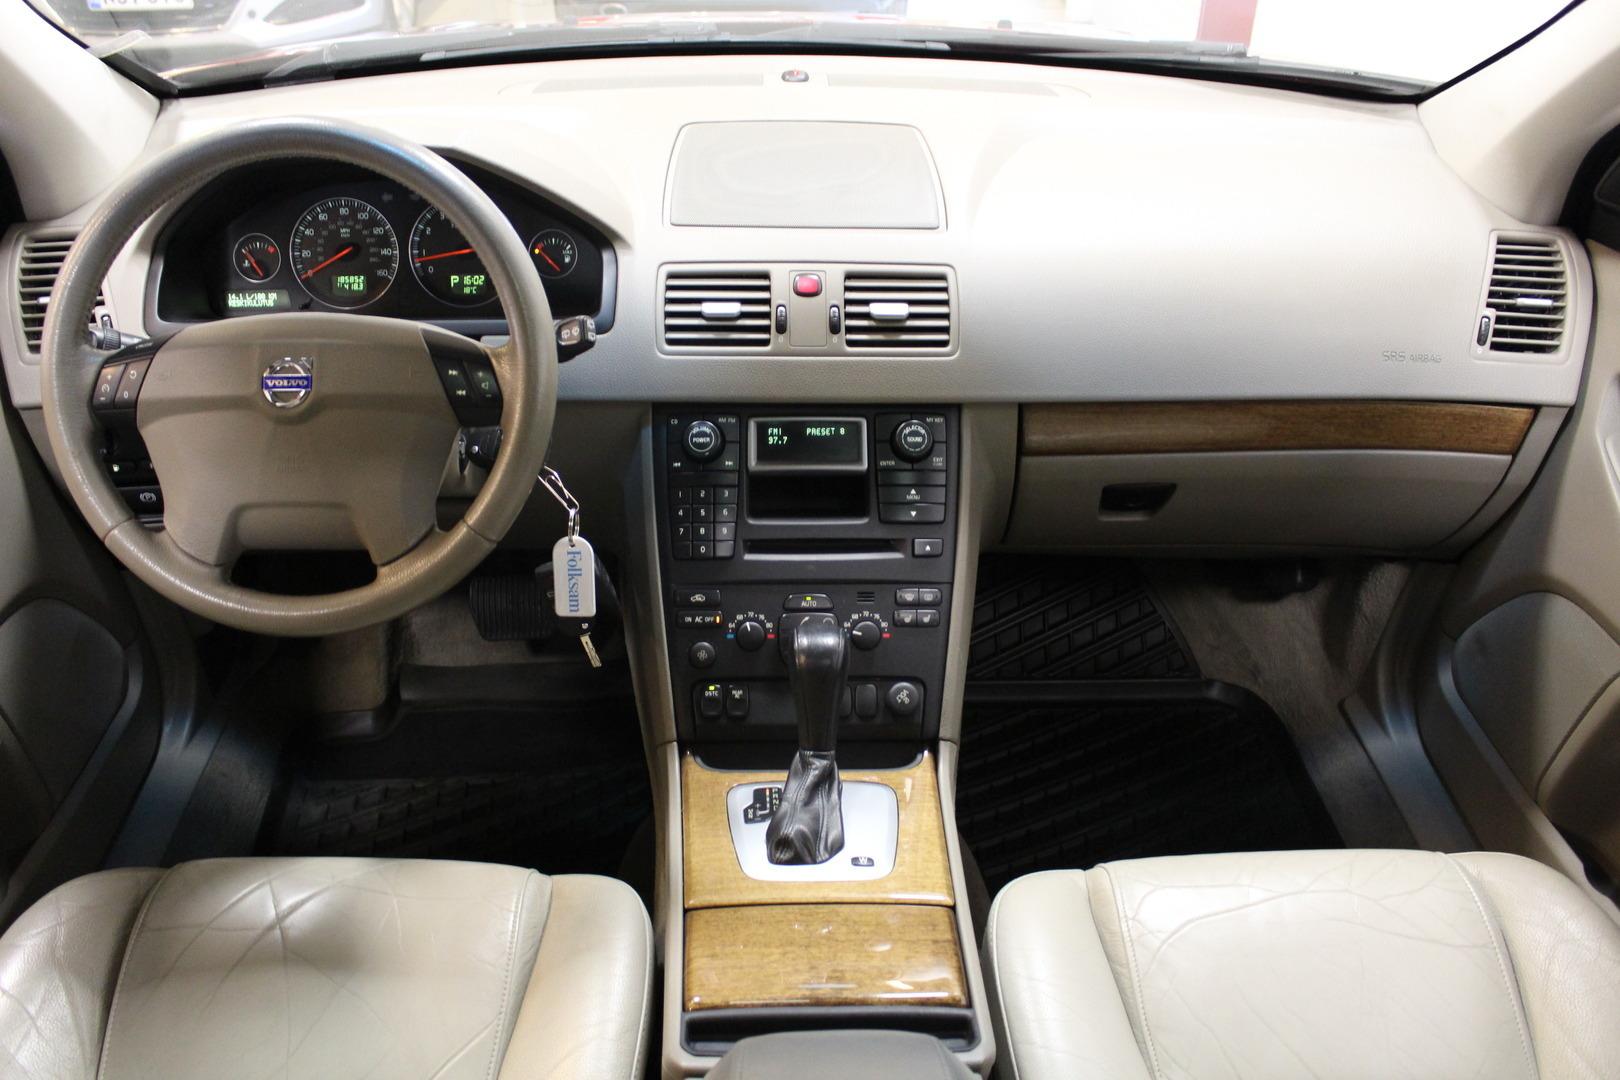 Volvo XC90, 2,5T AWD Summum #7-Paikkainen #Nahat**Juuri tullut**